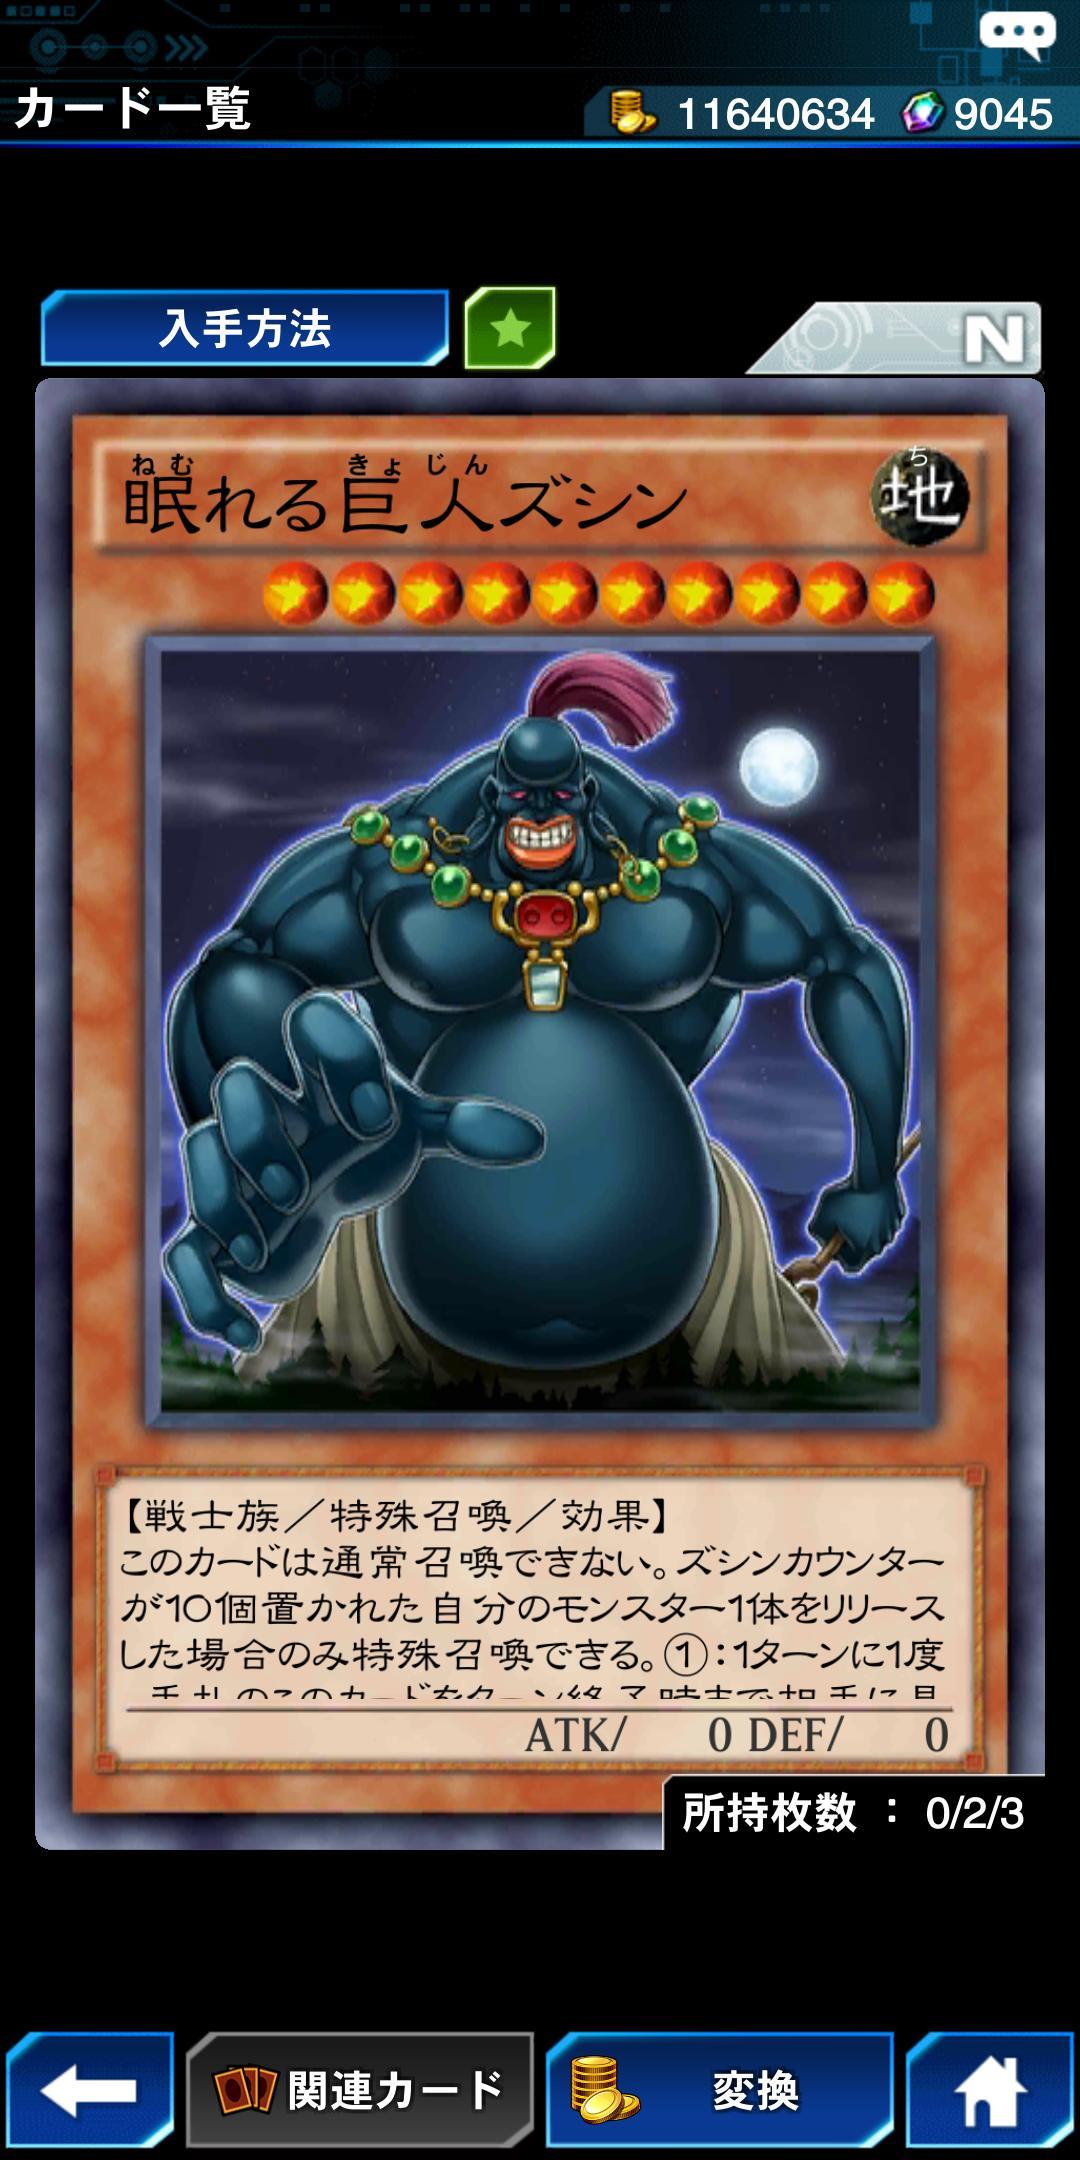 yAkQzJU - 遊戯王「このカードは効果の対象にならず、効果では破壊されない」←こいつの倒し方